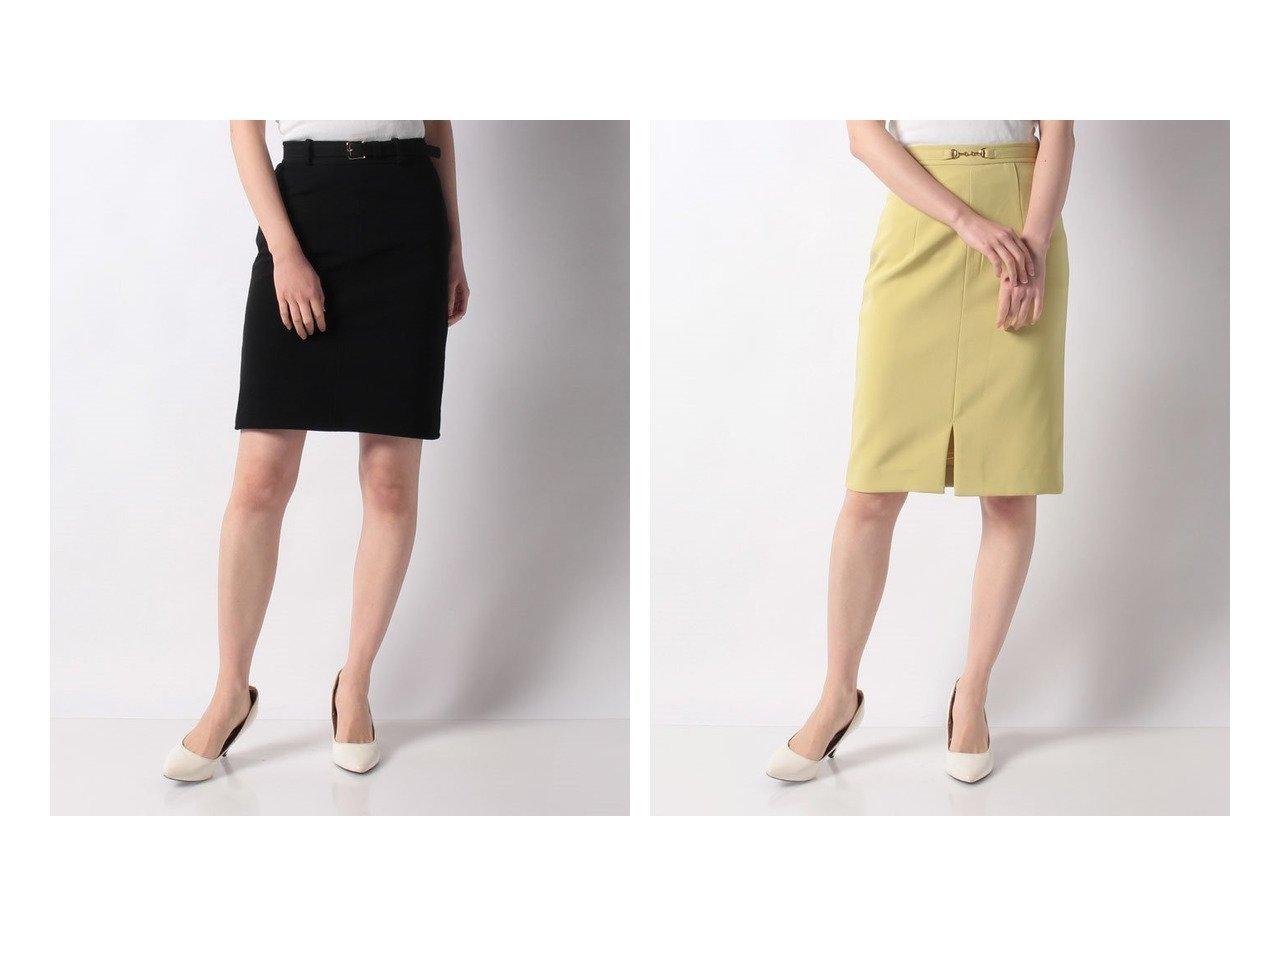 【salire/サリア】のミラノリブ風B付ステッチスカート&BIT付タイトスカート スカートのおすすめ!人気、トレンド・レディースファッションの通販 おすすめで人気の流行・トレンド、ファッションの通販商品 メンズファッション・キッズファッション・インテリア・家具・レディースファッション・服の通販 founy(ファニー) https://founy.com/ ファッション Fashion レディースファッション WOMEN スカート Skirt NEW・新作・新着・新入荷 New Arrivals シンプル ストレッチ タイトスカート フィット フロント ミラノリブ |ID:crp329100000022488